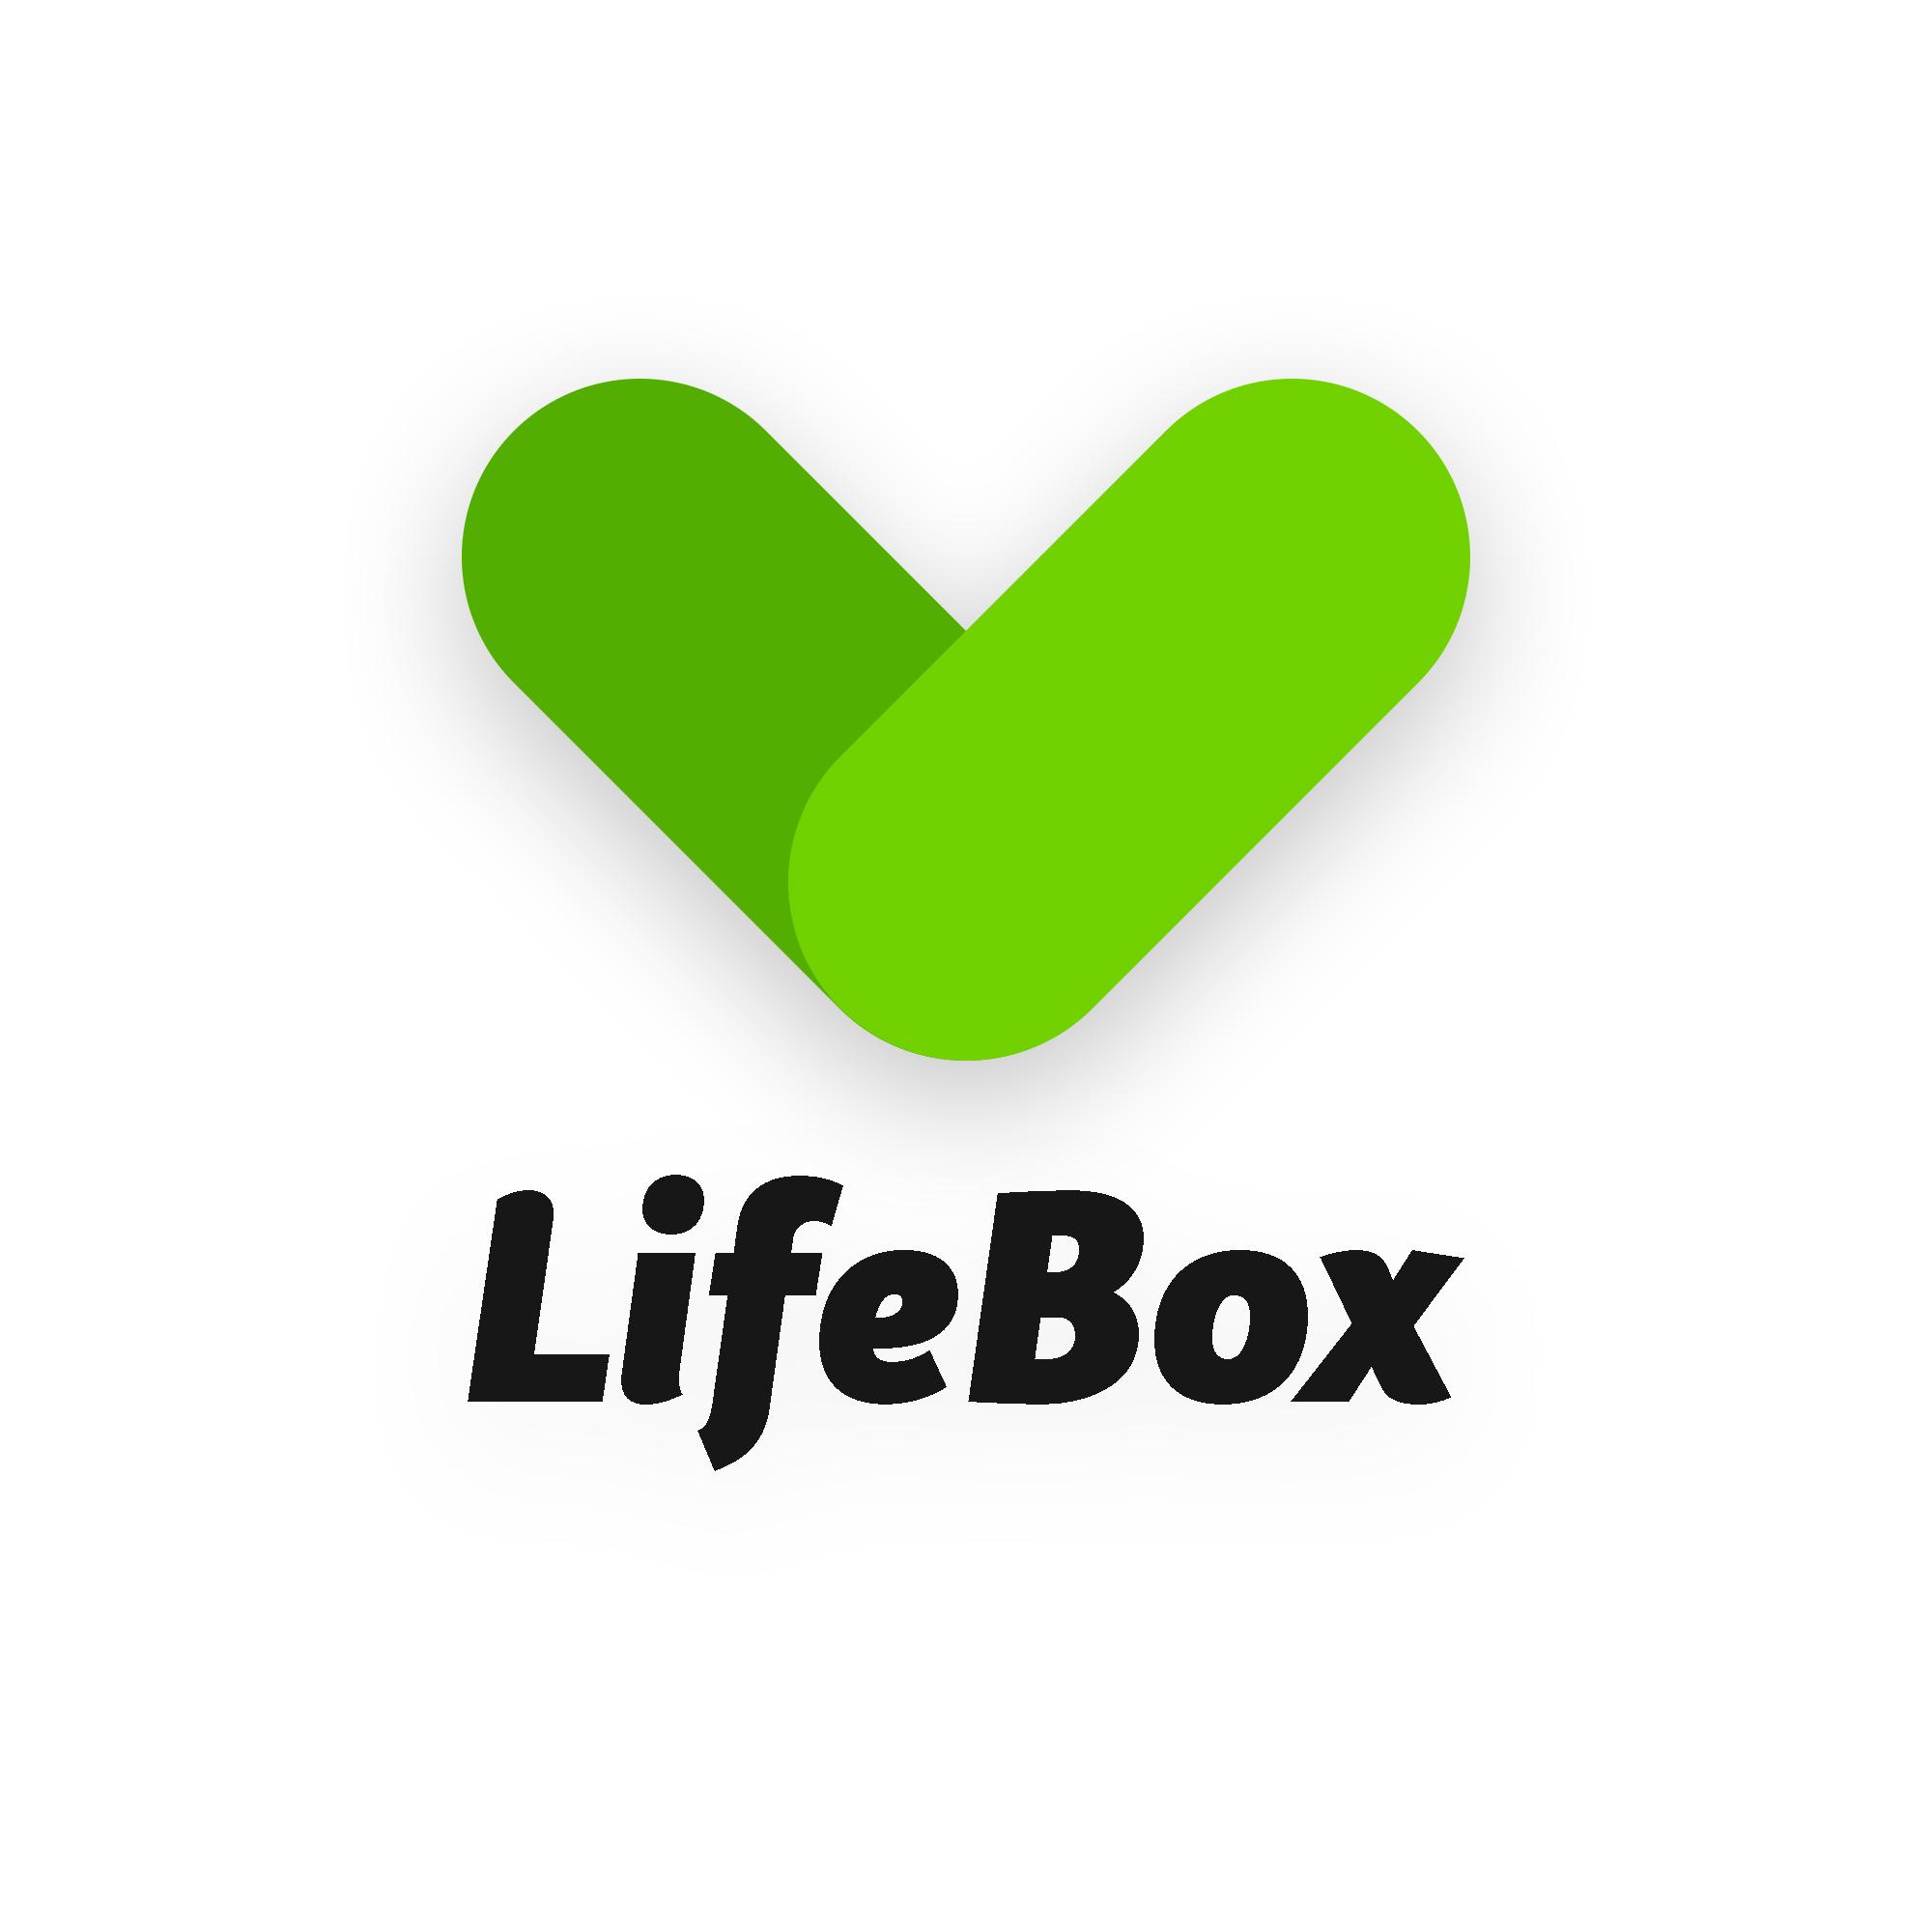 Разработка Логотипа. Победитель получит расширеный заказ  фото f_0025c23d1c8235a8.jpg